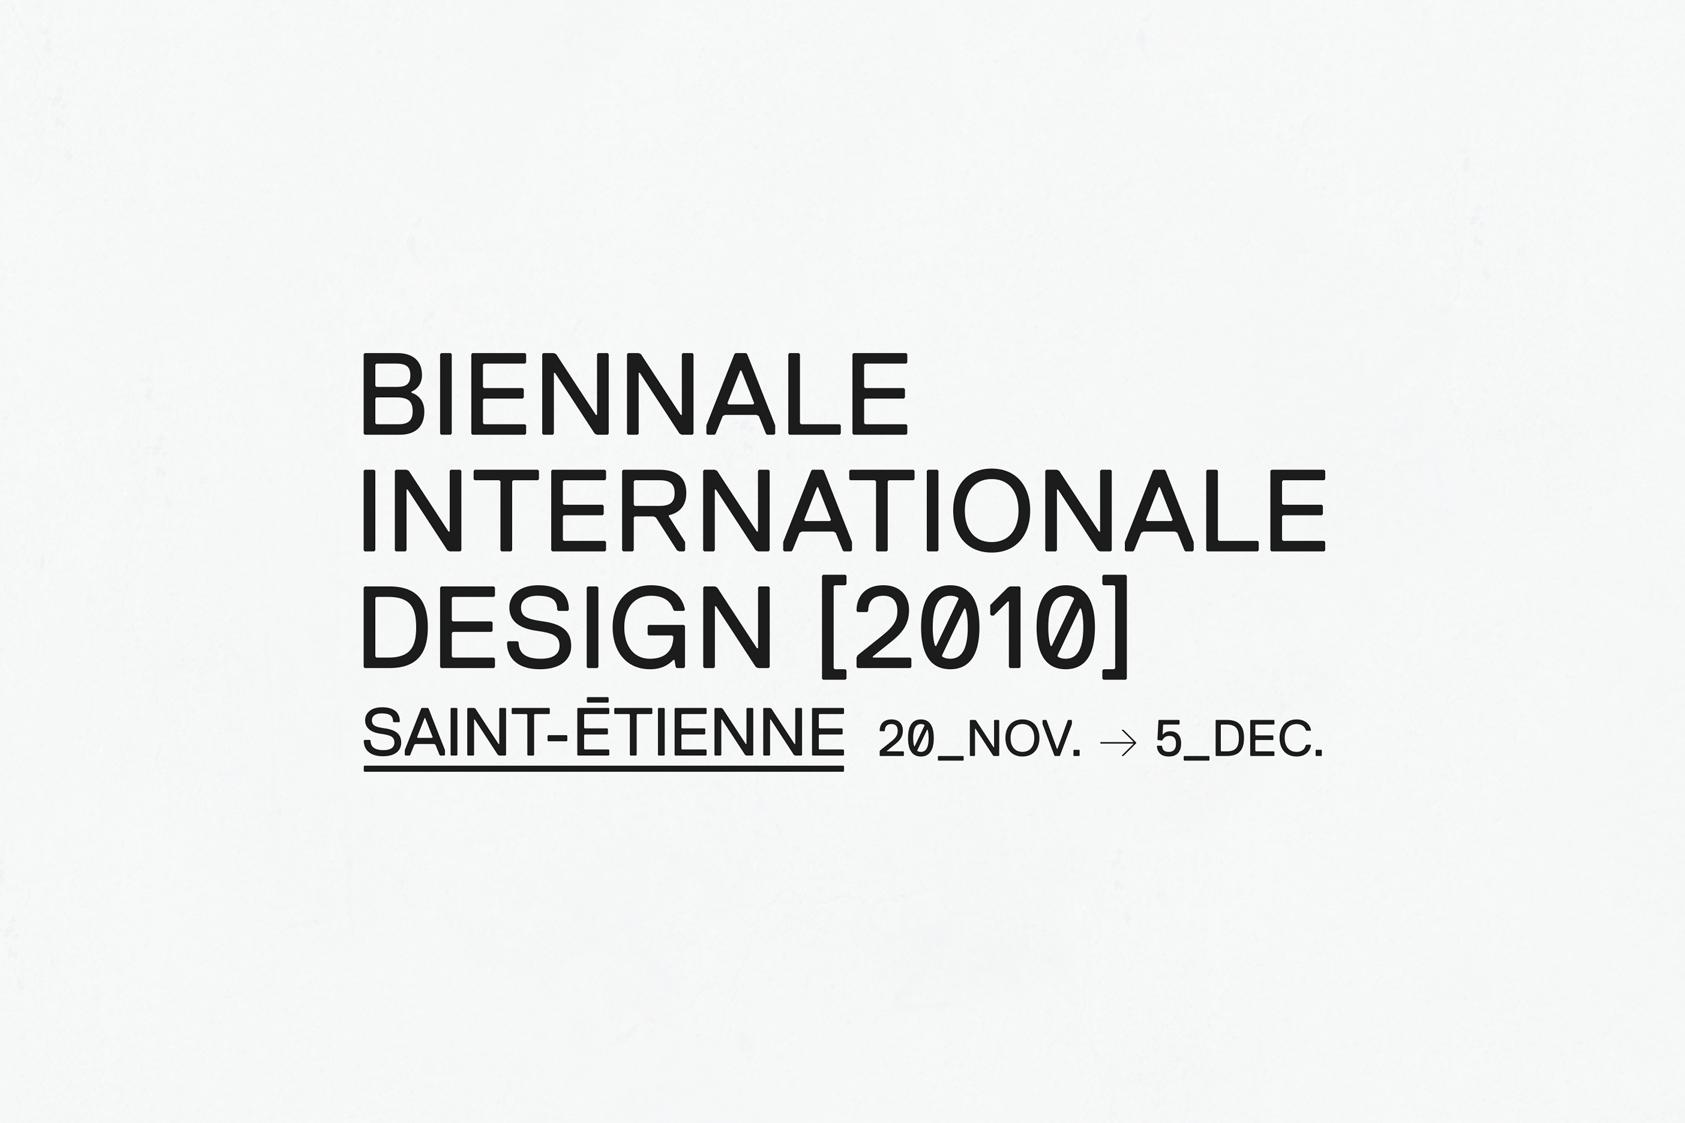 BIENNALE INTERNATIONALE DESIGN SAINT-ÉTIENNE 2010